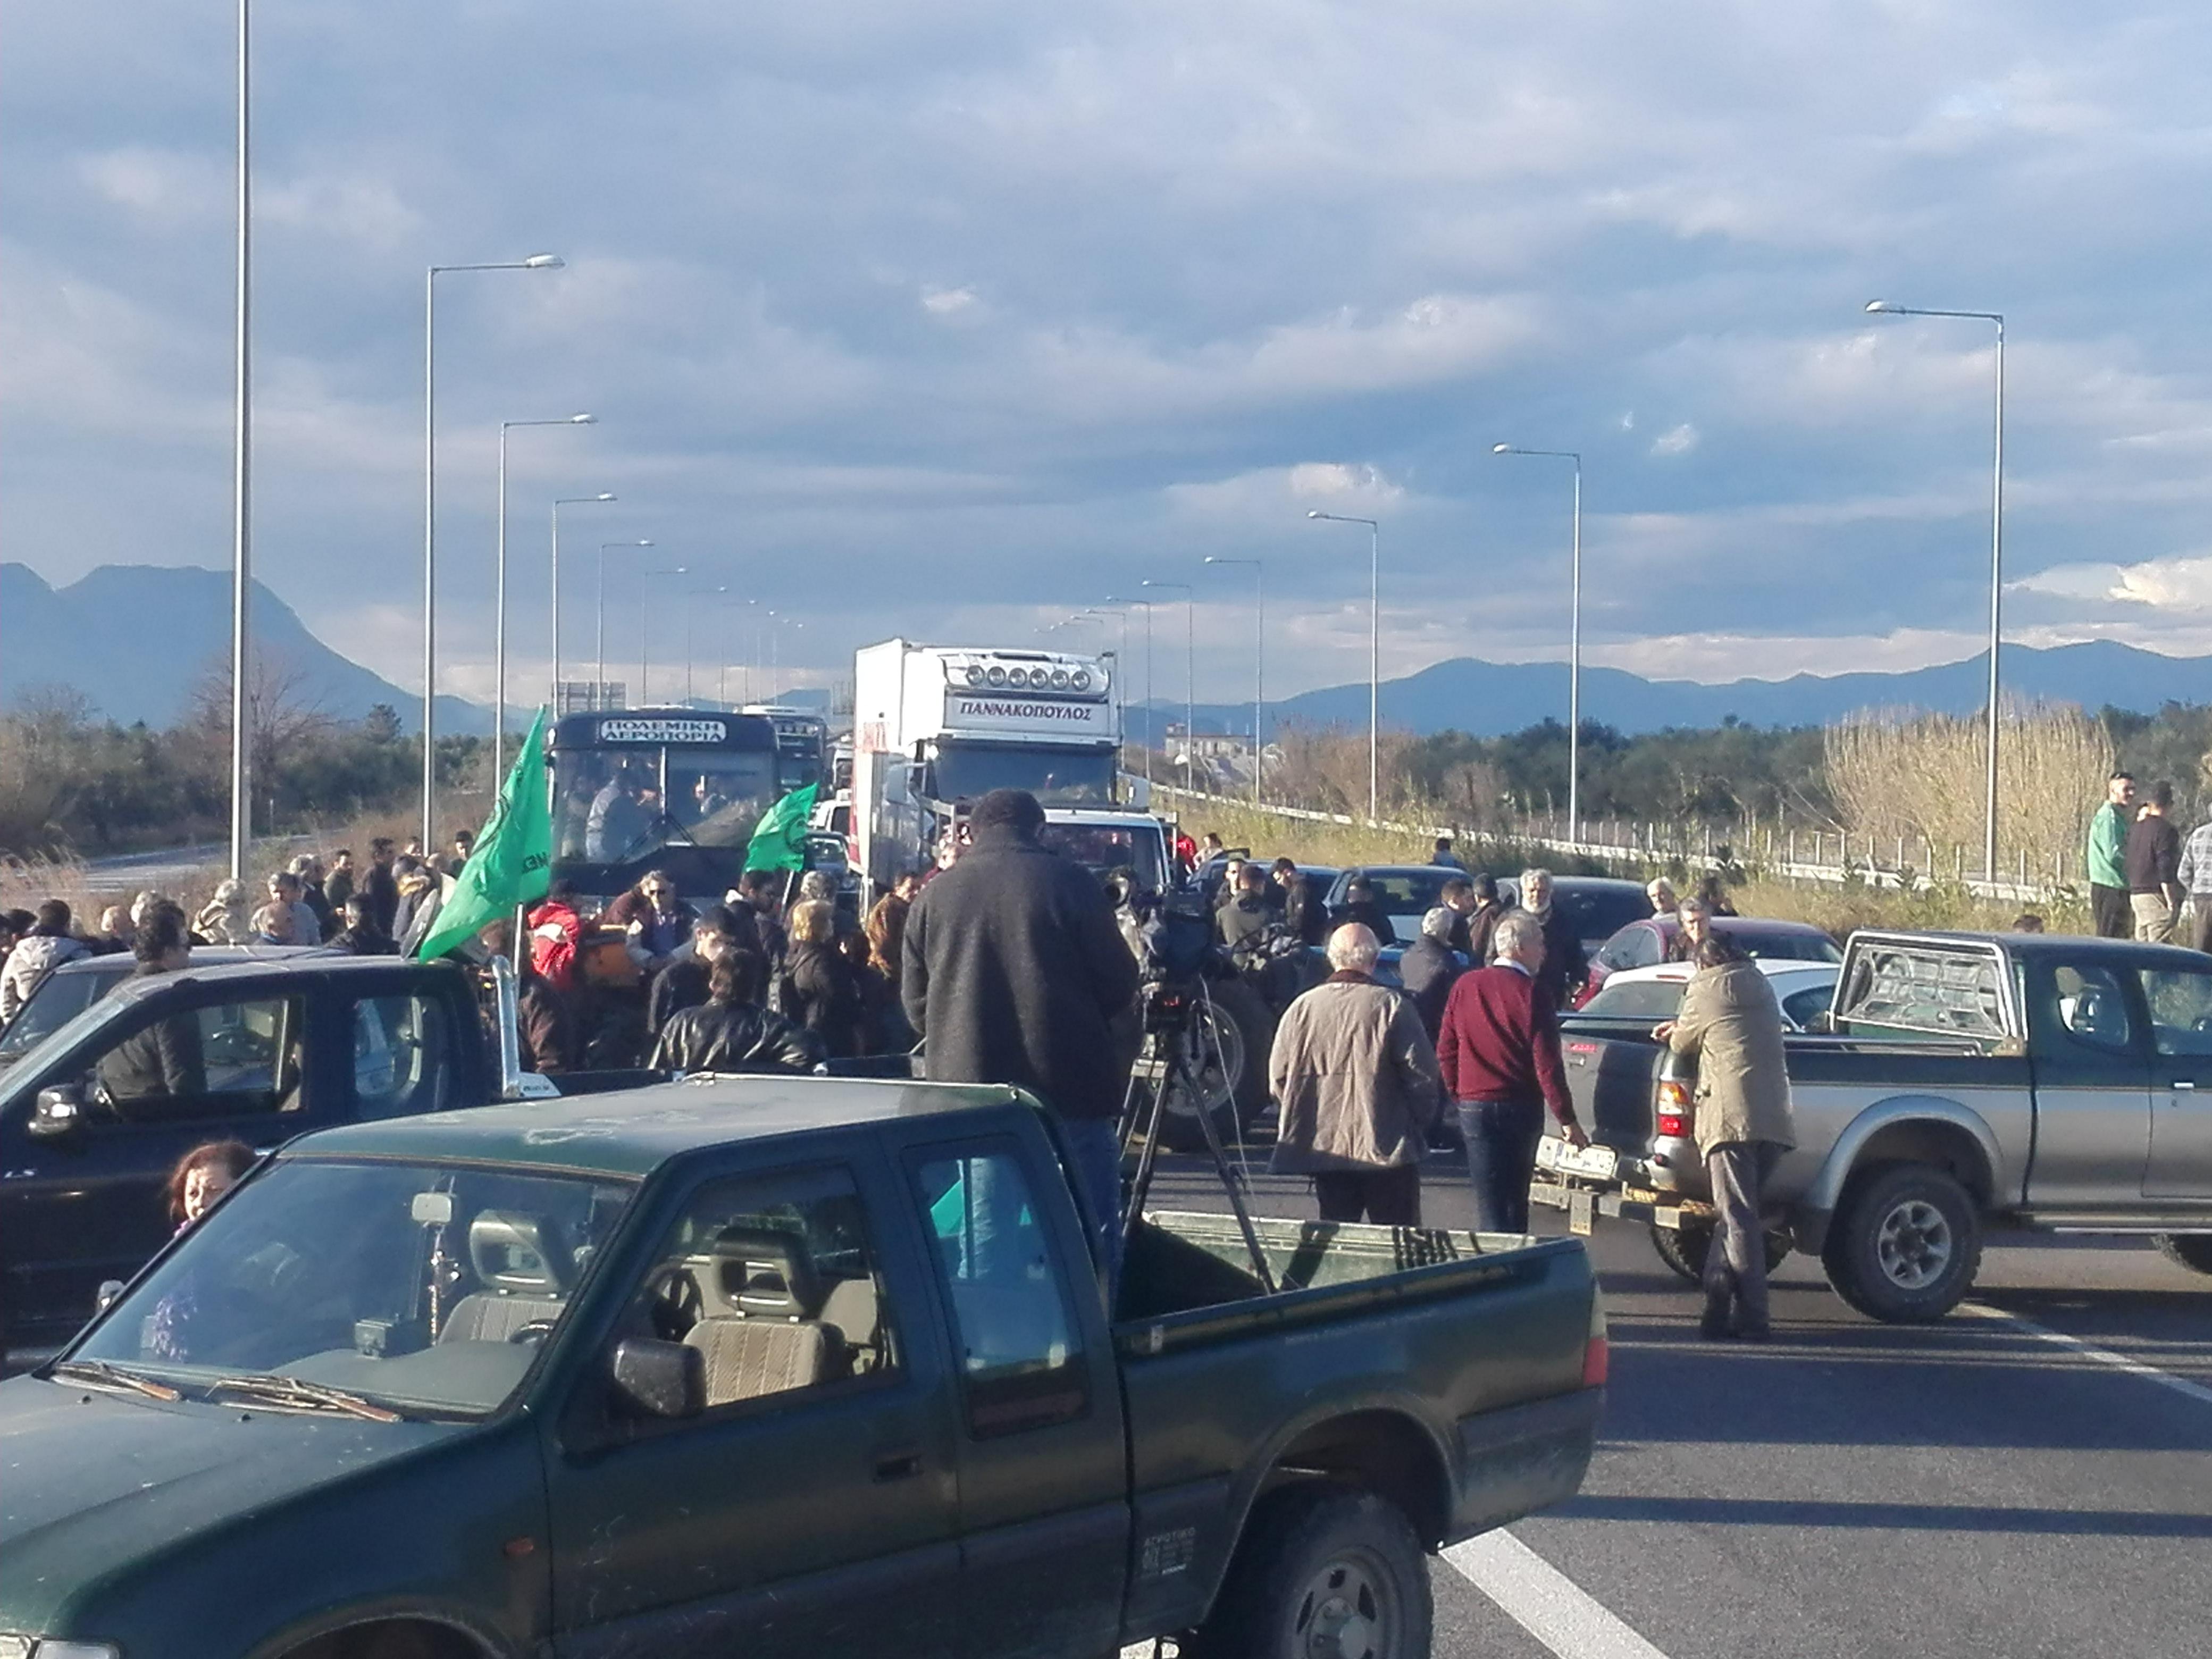 Συνεχίζονται τα μπλόκα με αποκλεισμό του αυτοκινητόδρομου στον κόμβο της Μεγαλόπολης 26